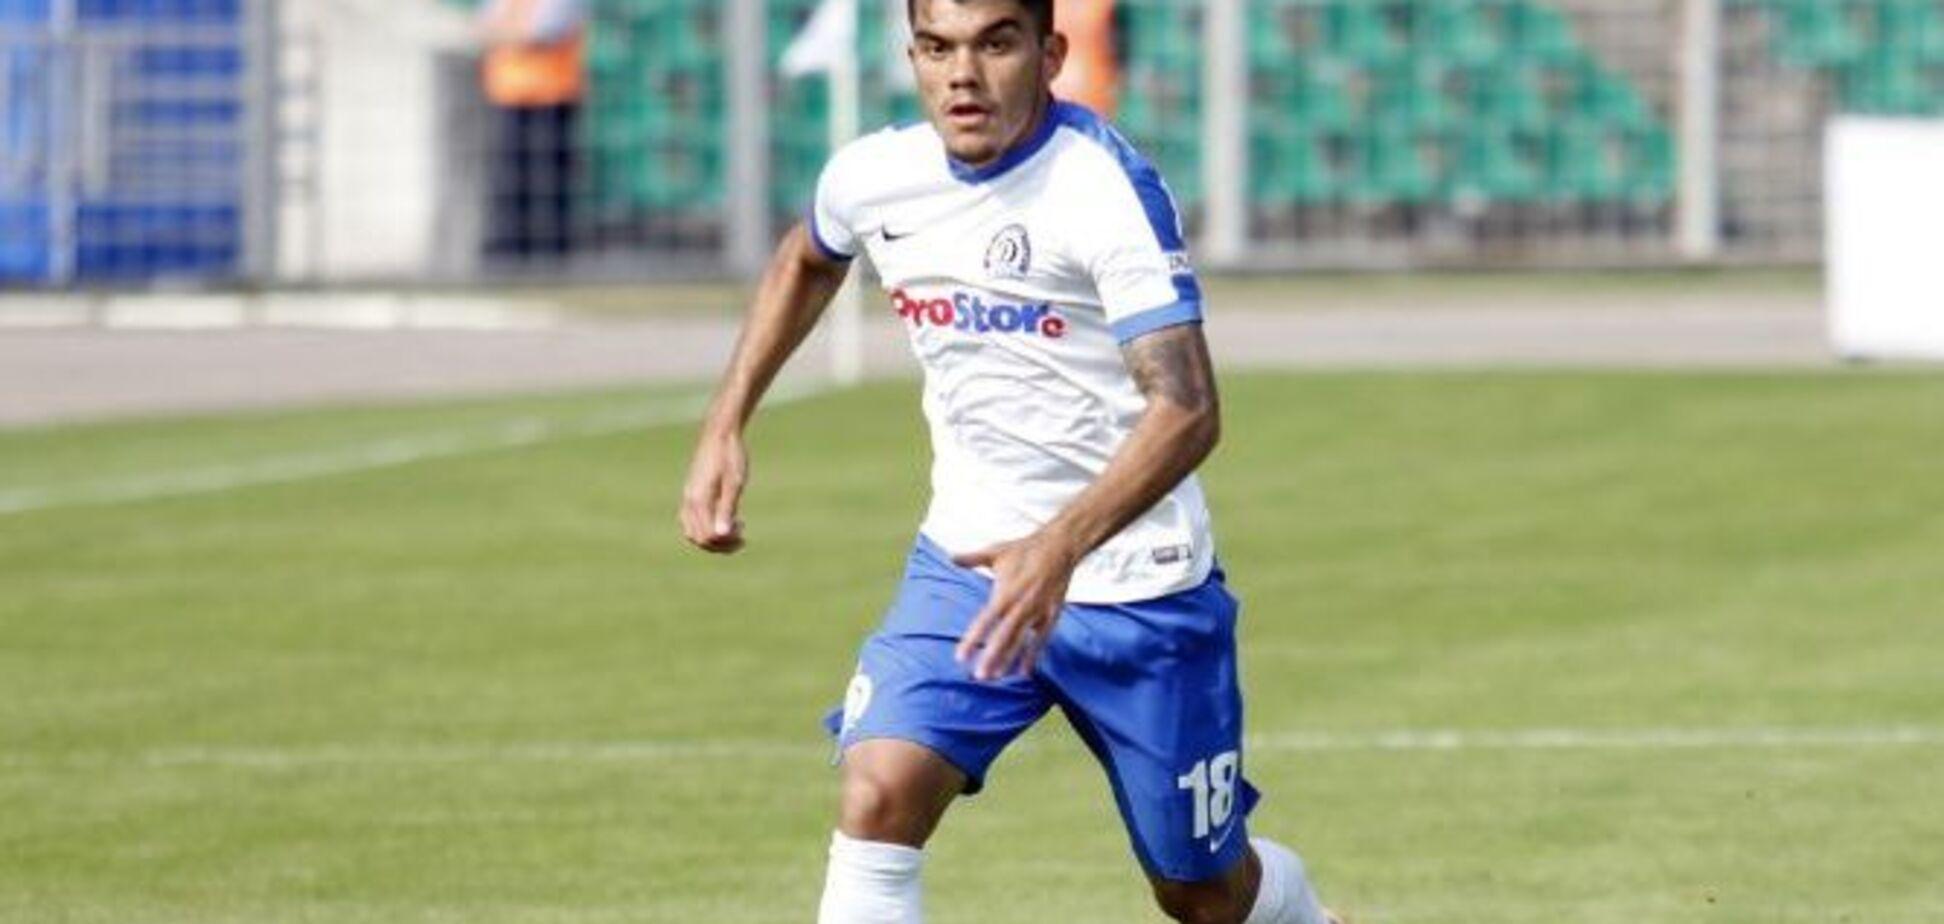 Український футболіст забив вражаючий гол із 20 метрів